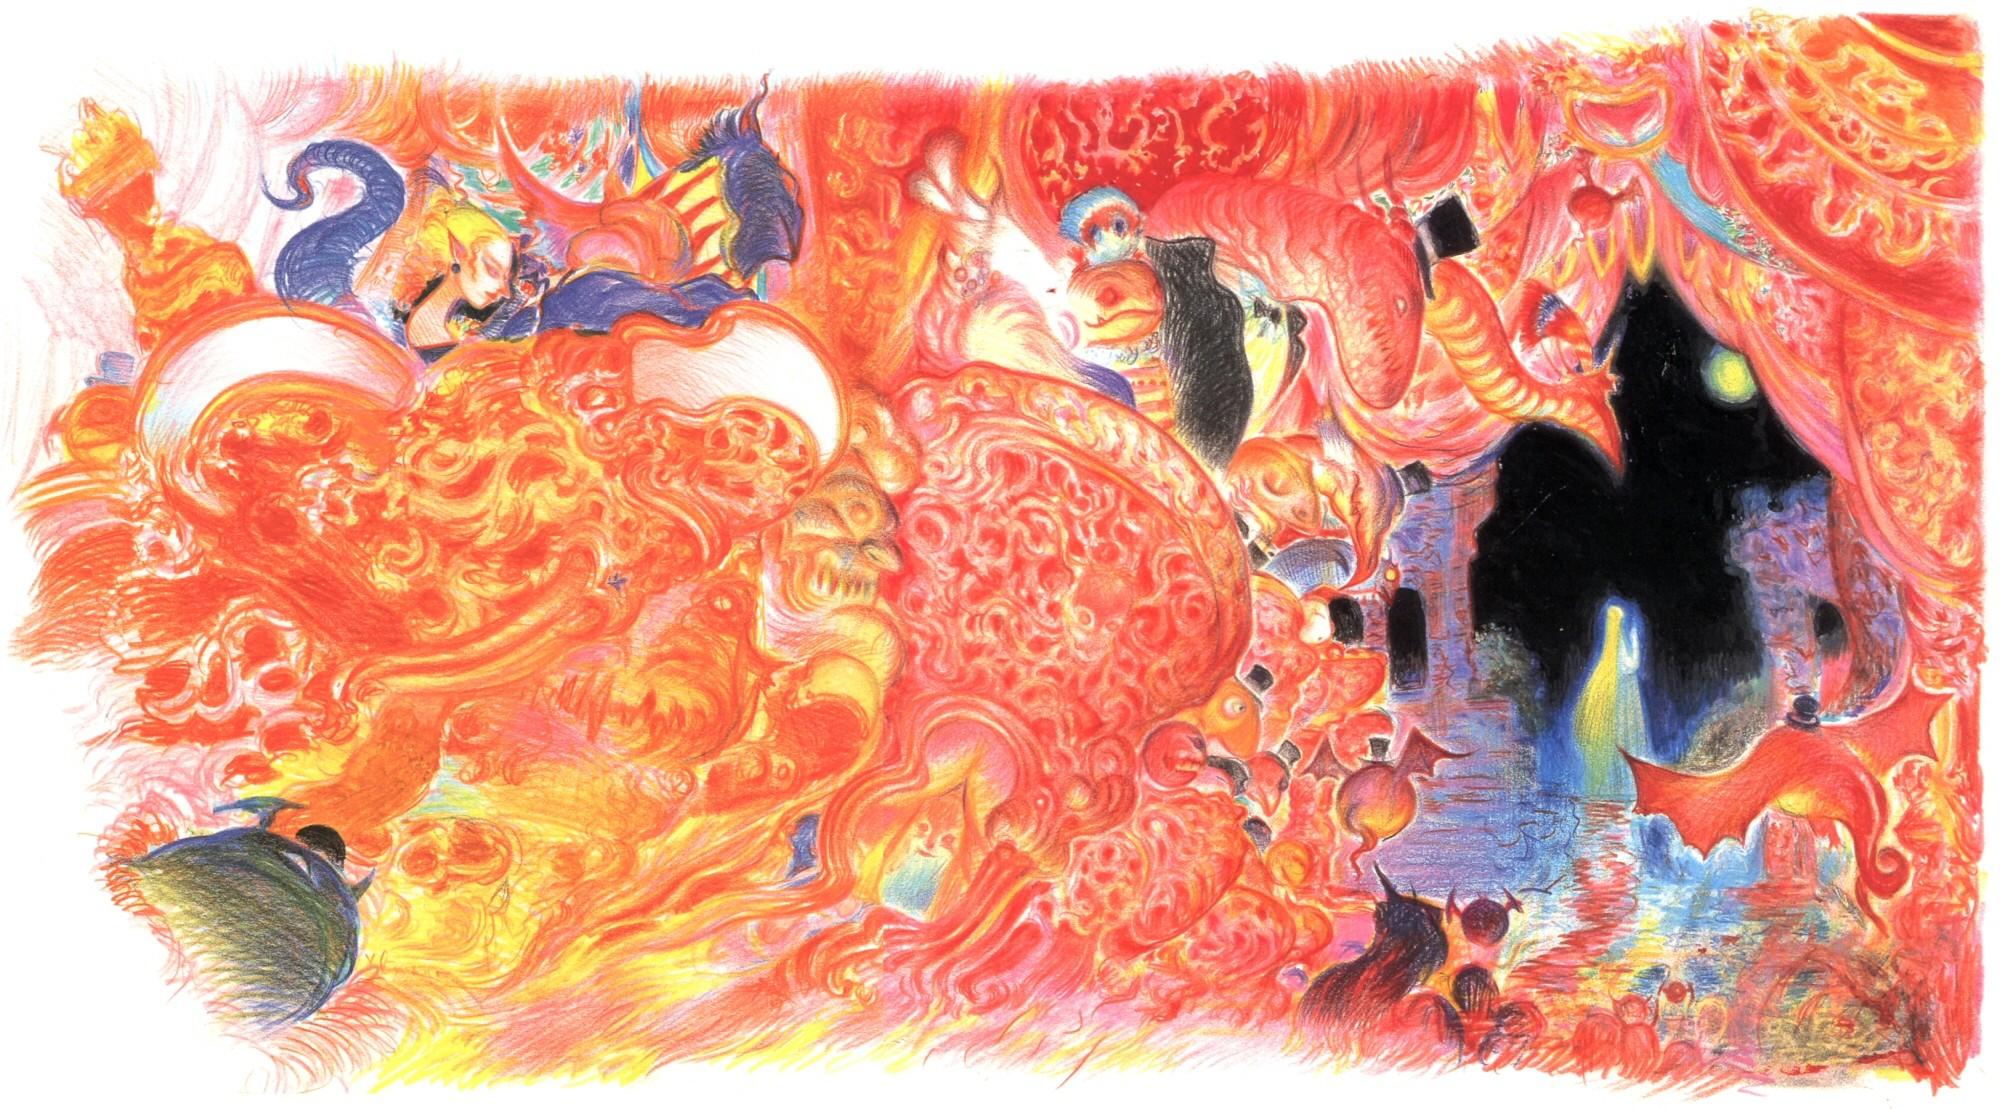 Final Fantasy VI – Dream Opera – Yoshitaka Amano